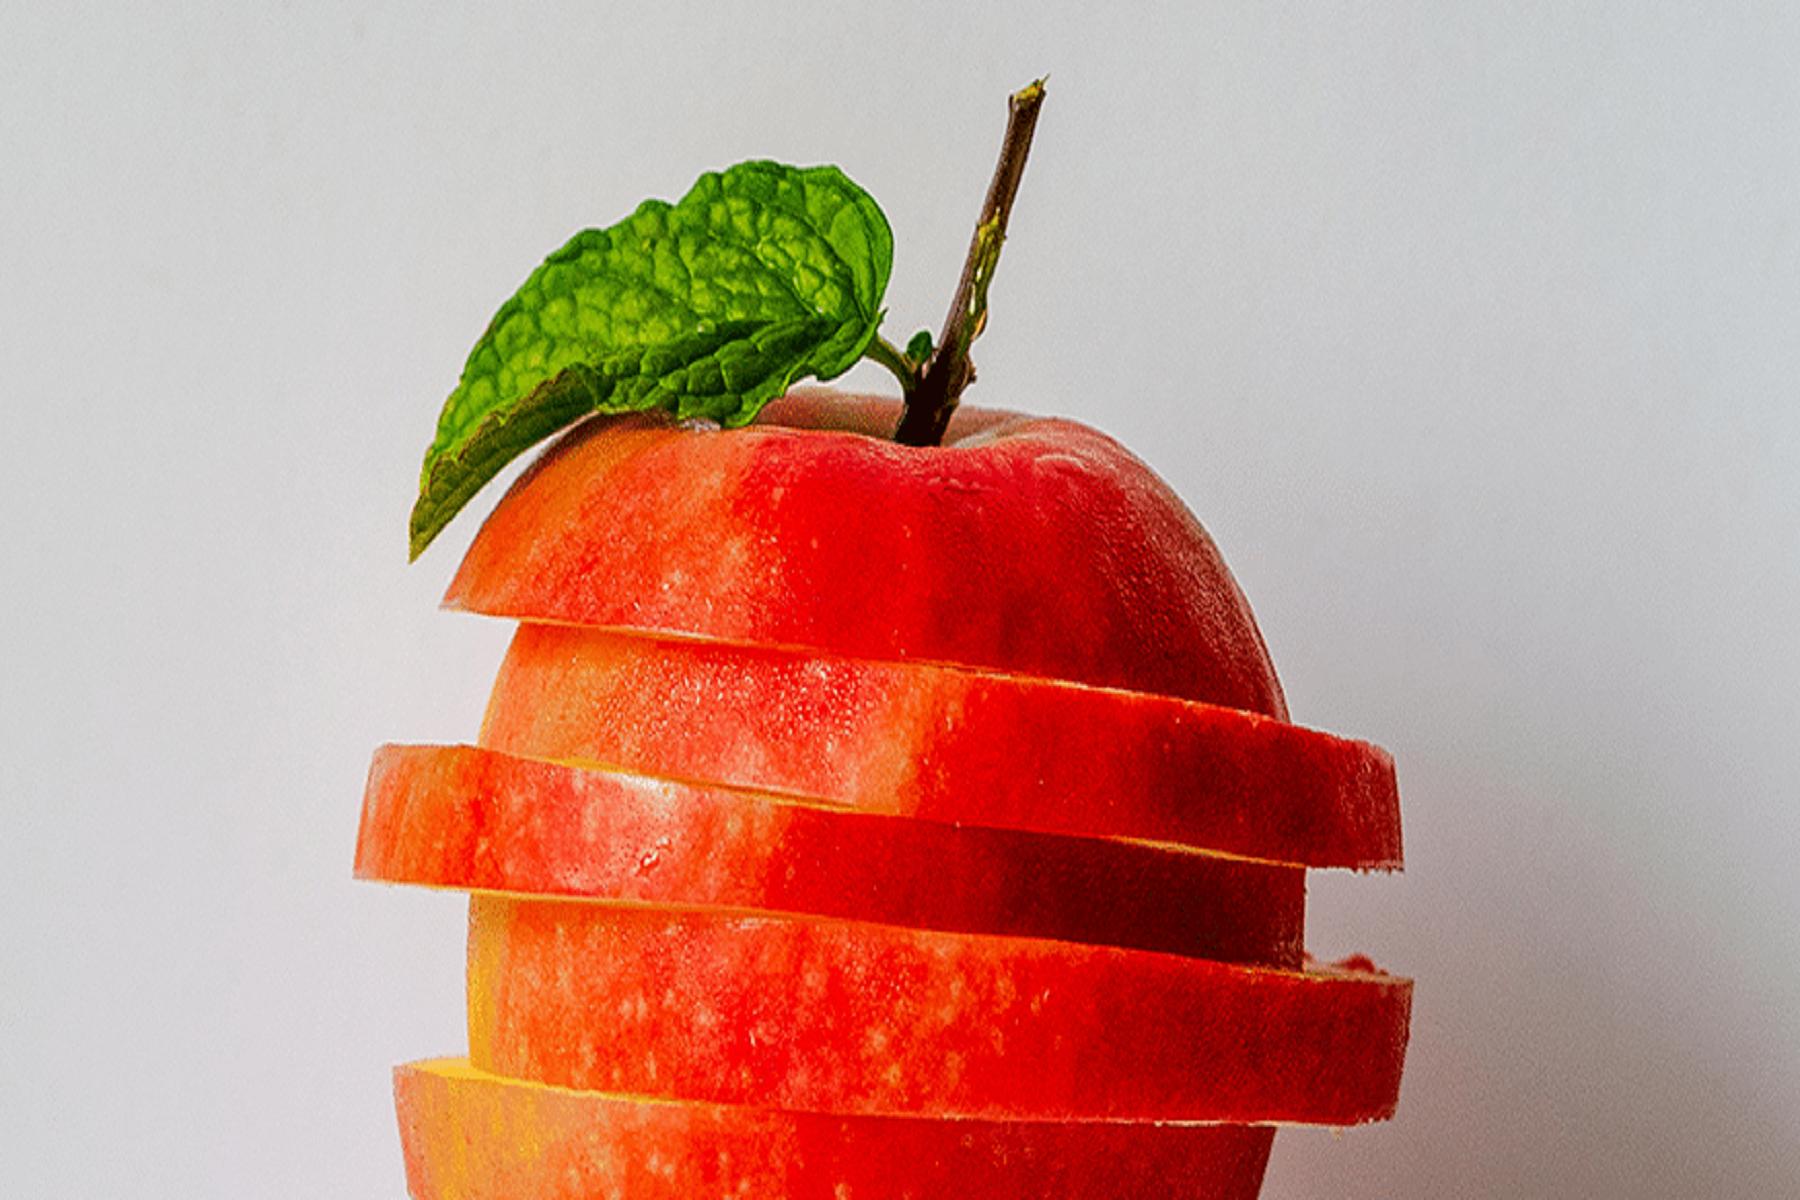 Γλυκαιμικός Δείκτης: Σημαντικός για τους διαβητικούς και όσους επιθυμούν την απώλεια βάρους